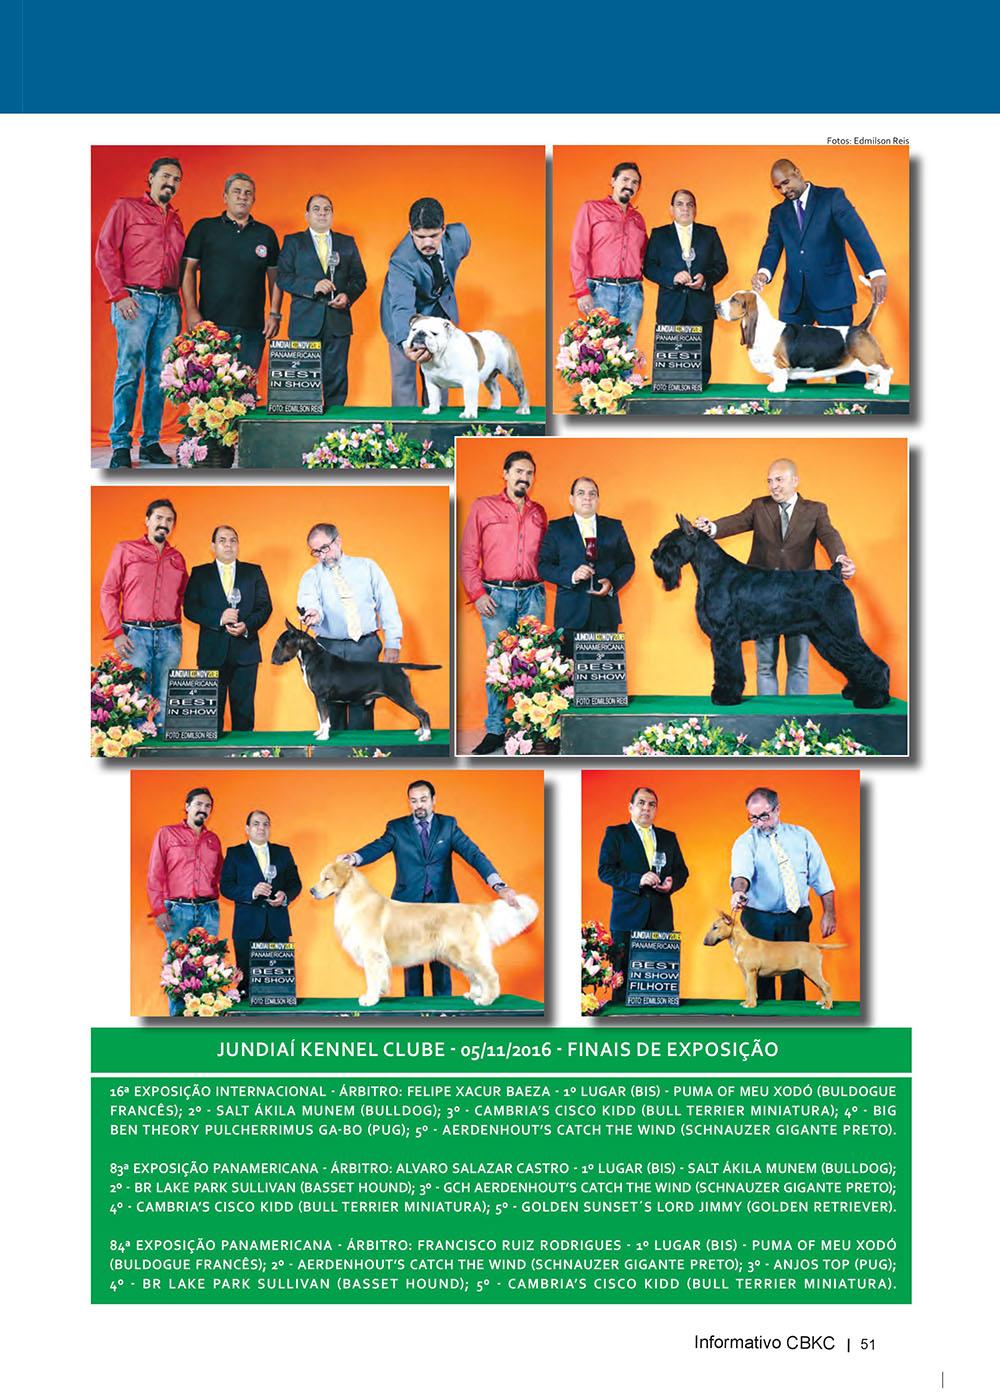 Pagina 51  Edição 53 do Informativo CBKC